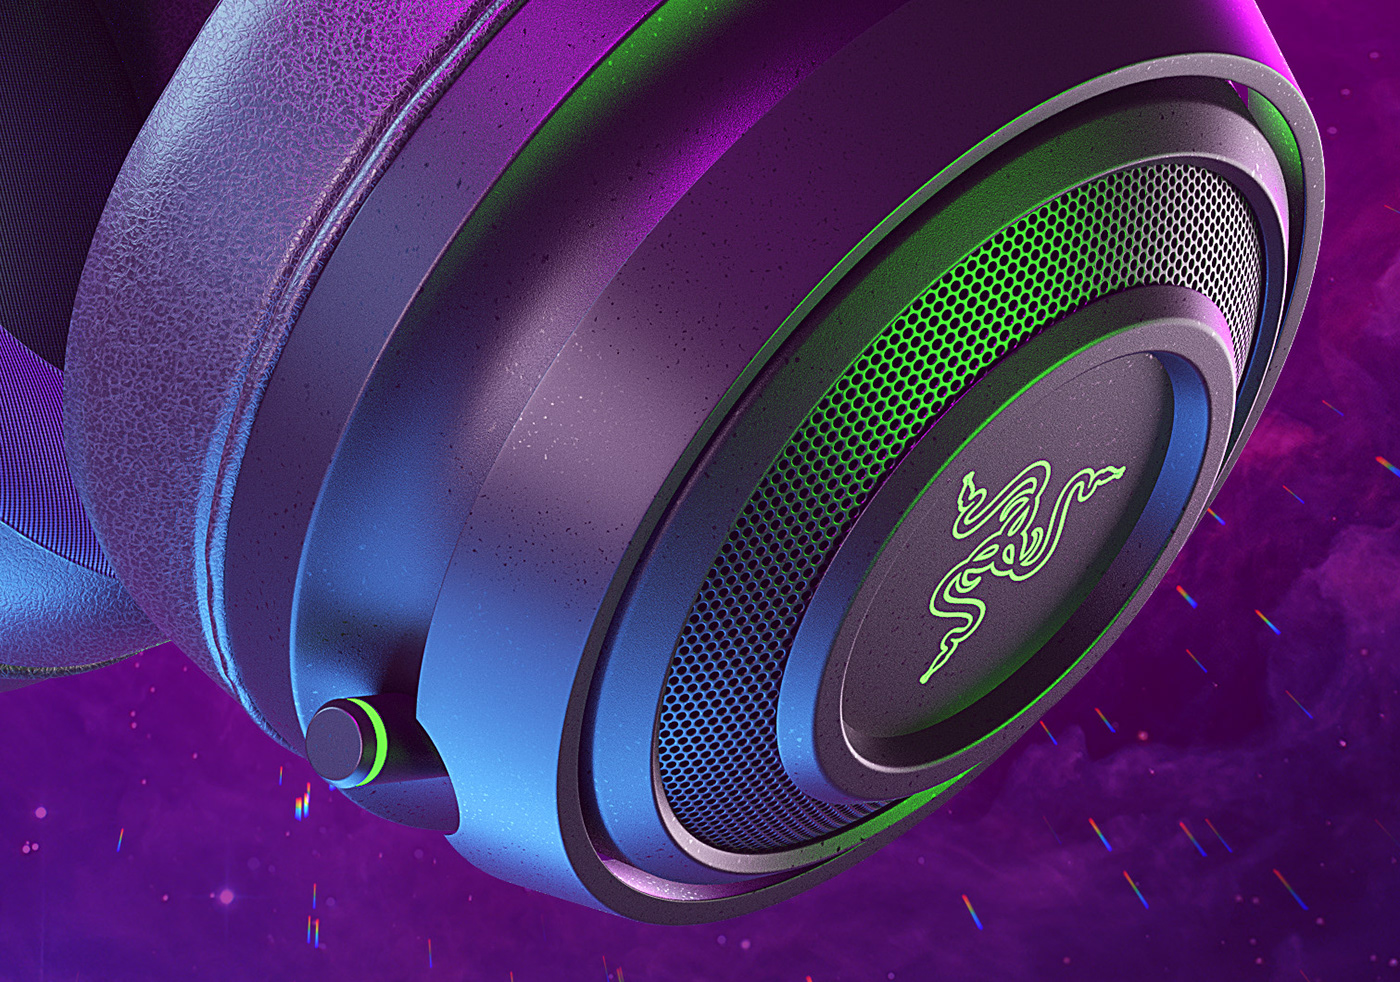 Audio bold bright Games Gaming headphone headset music Nari razer